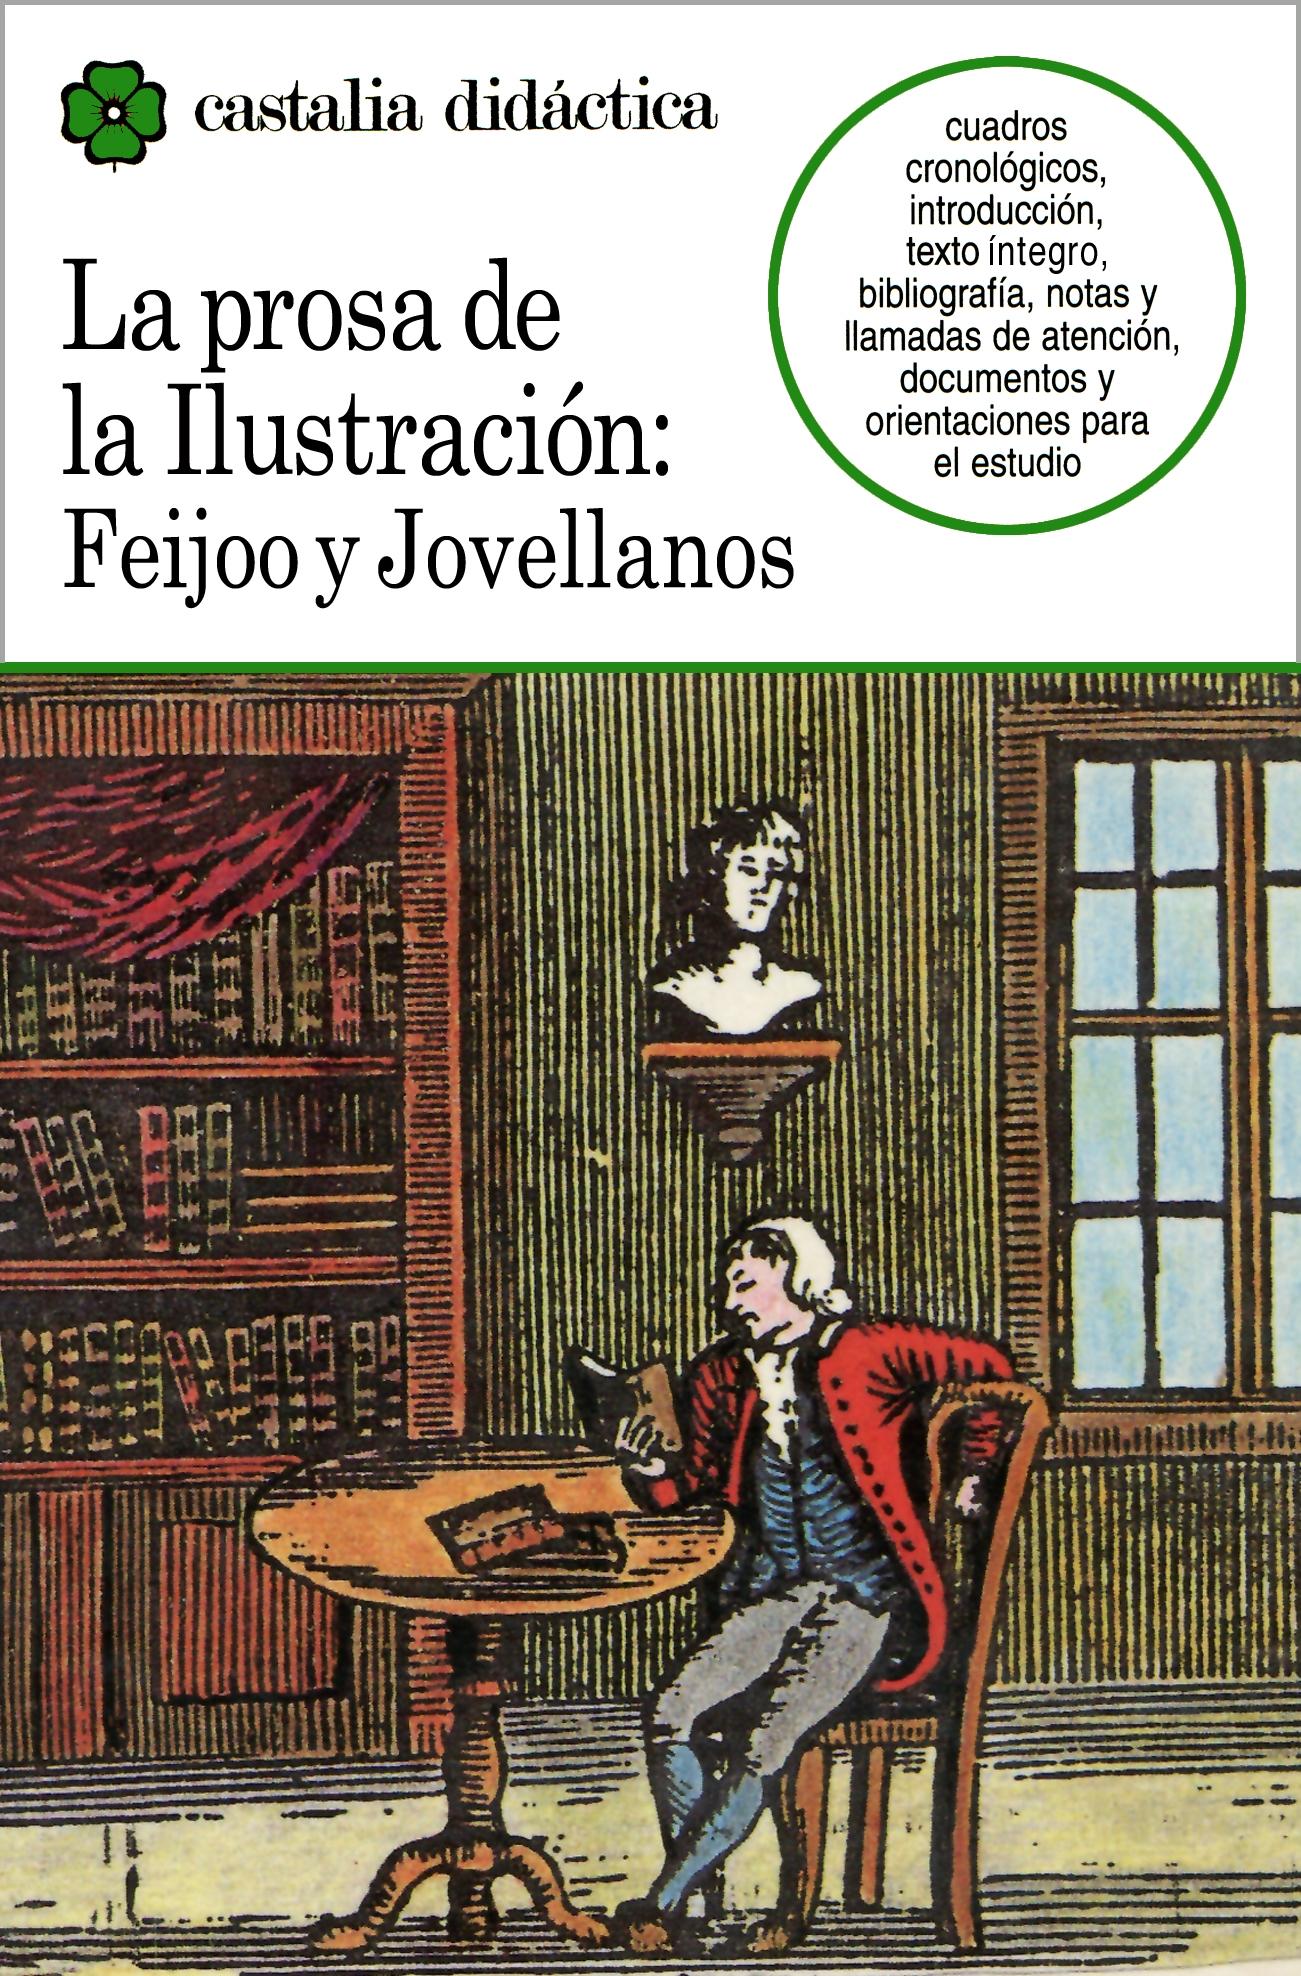 La prosa de la Ilustración